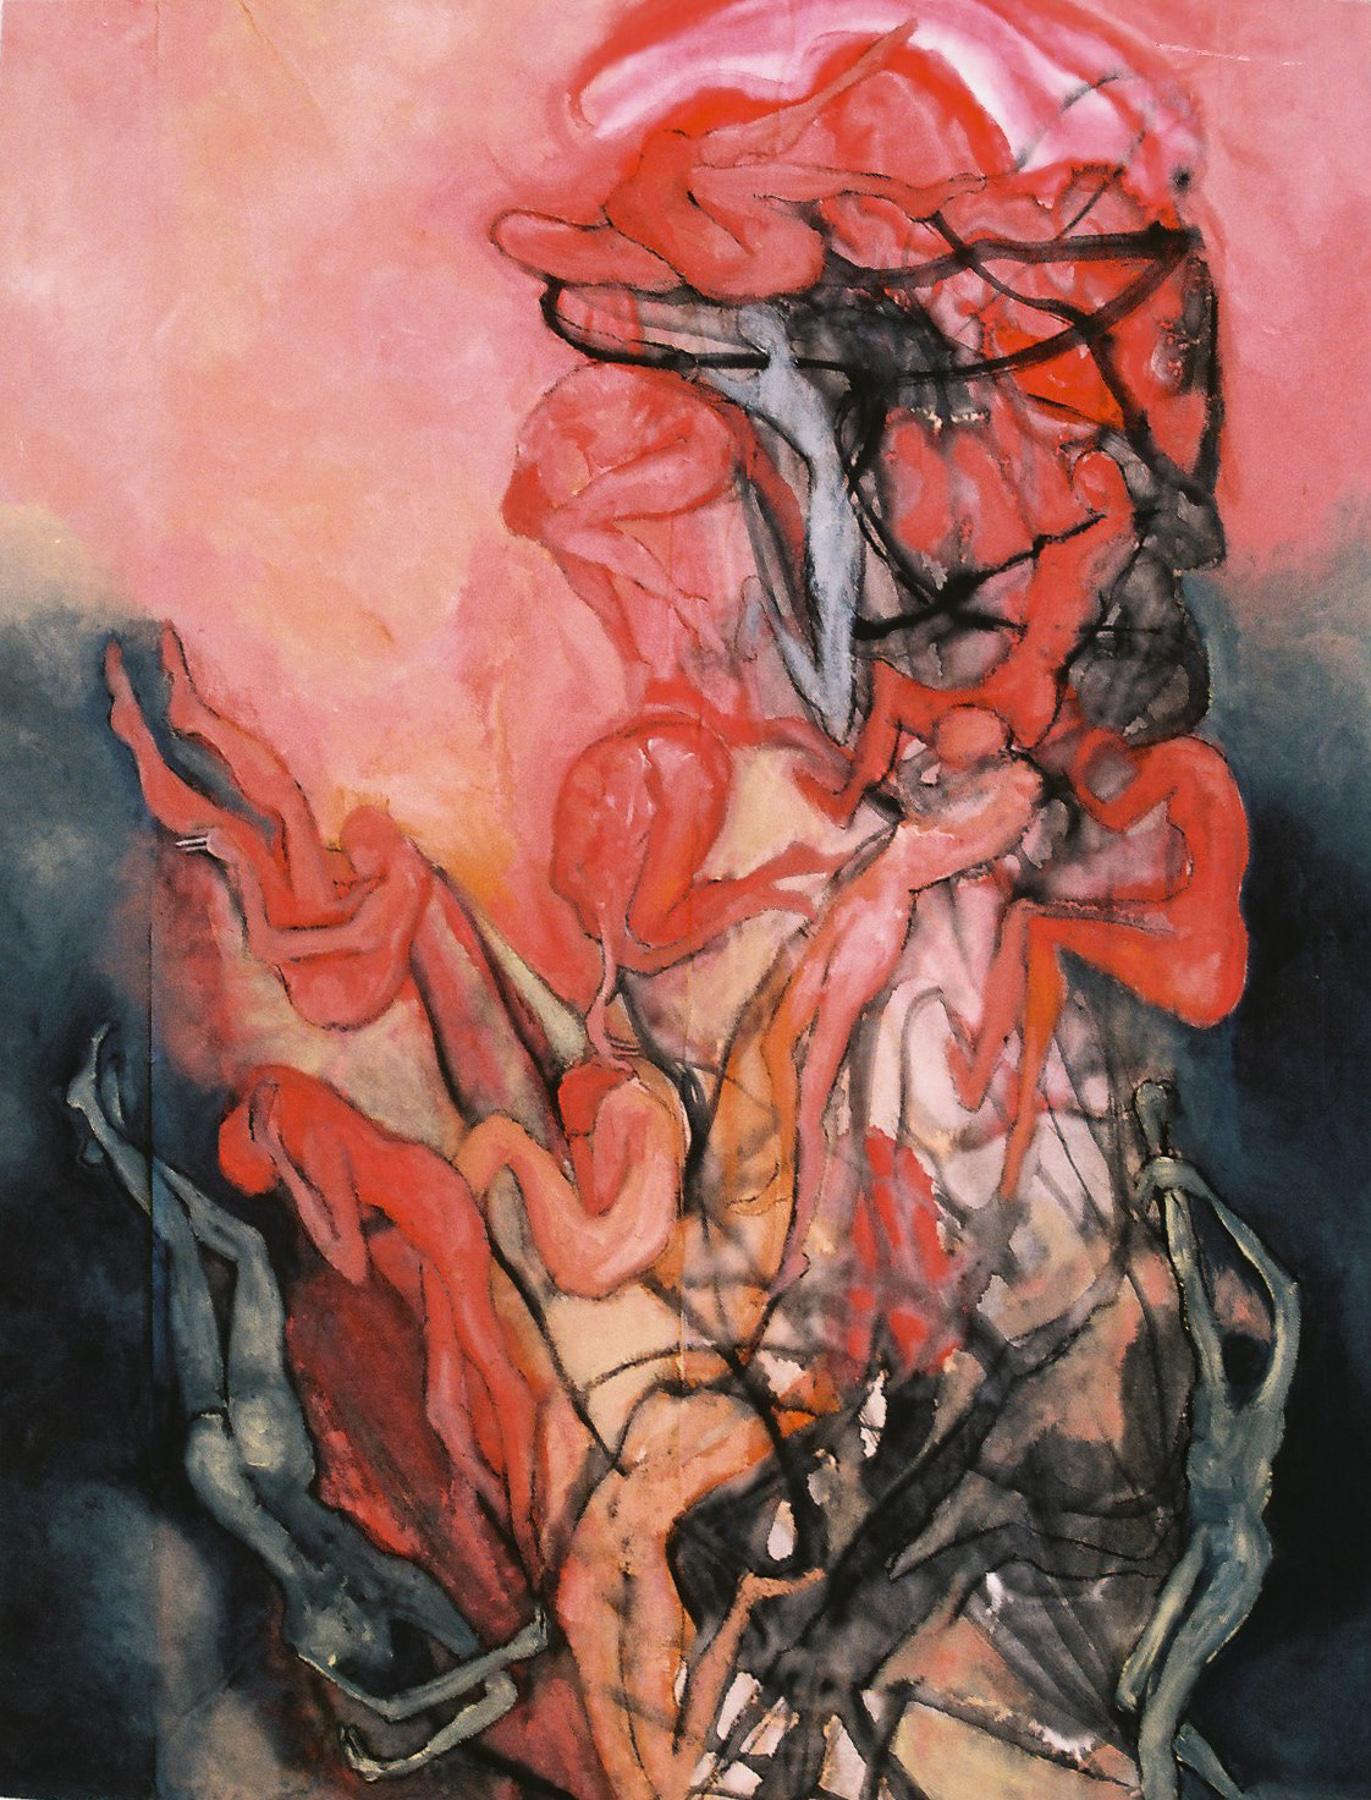 Los oscuros tumultos de la existencia - Óleo sobre papel - 65 x 50 cm